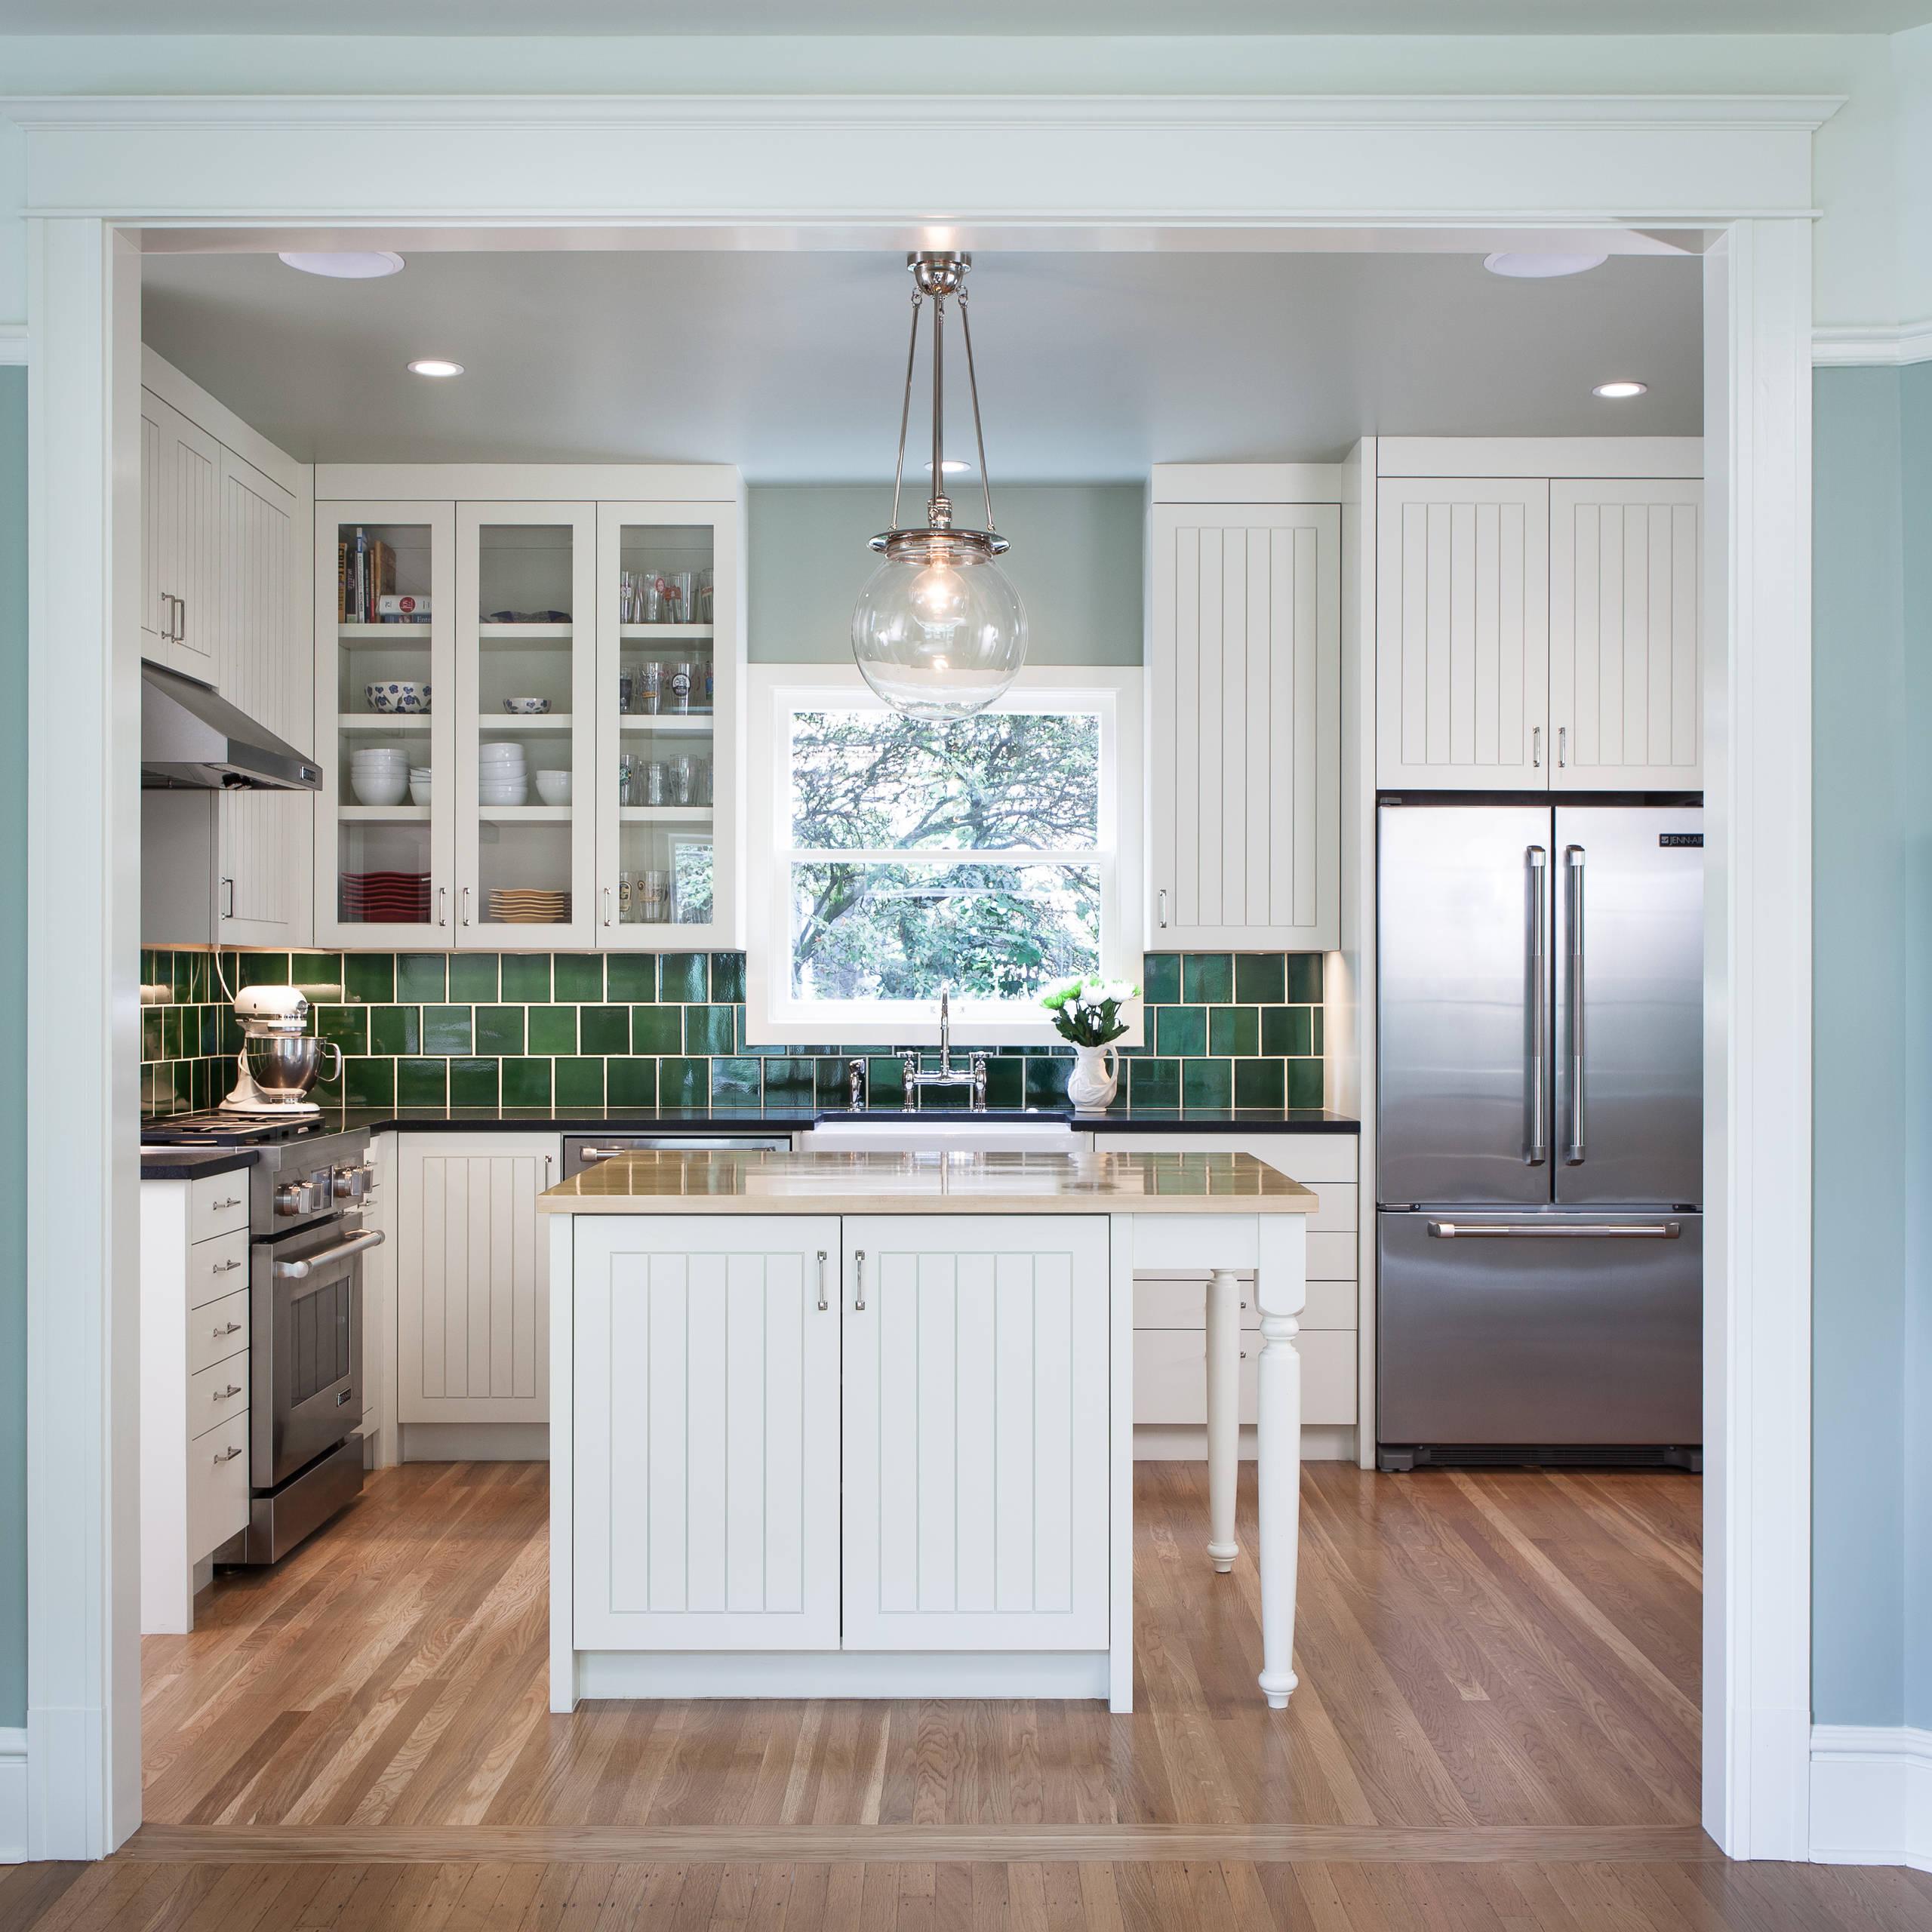 Emerald Green Tiles Ideas Photos Houzz